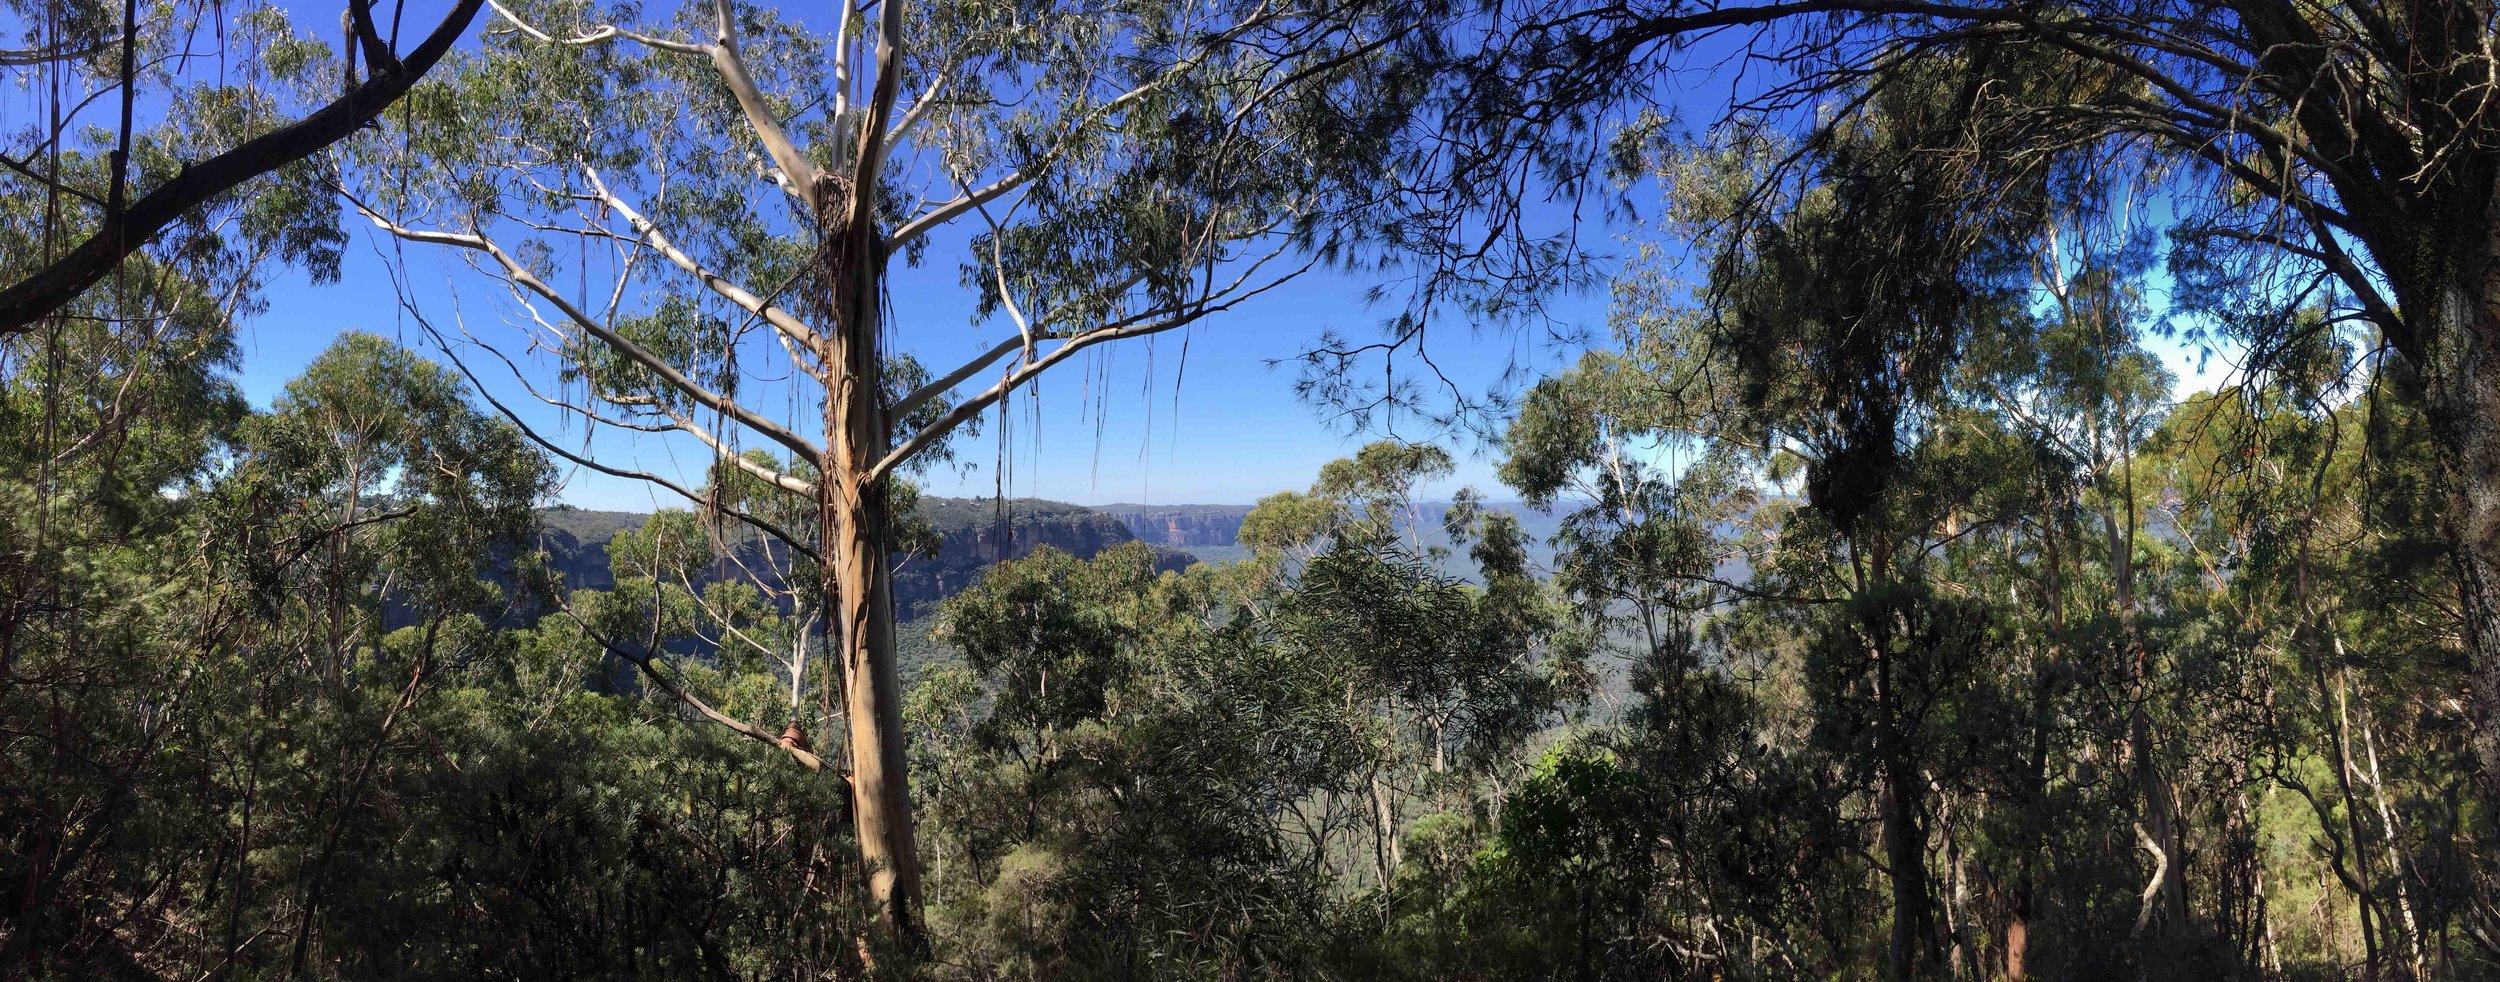 Honeymoon Lookout - Cliff Drive